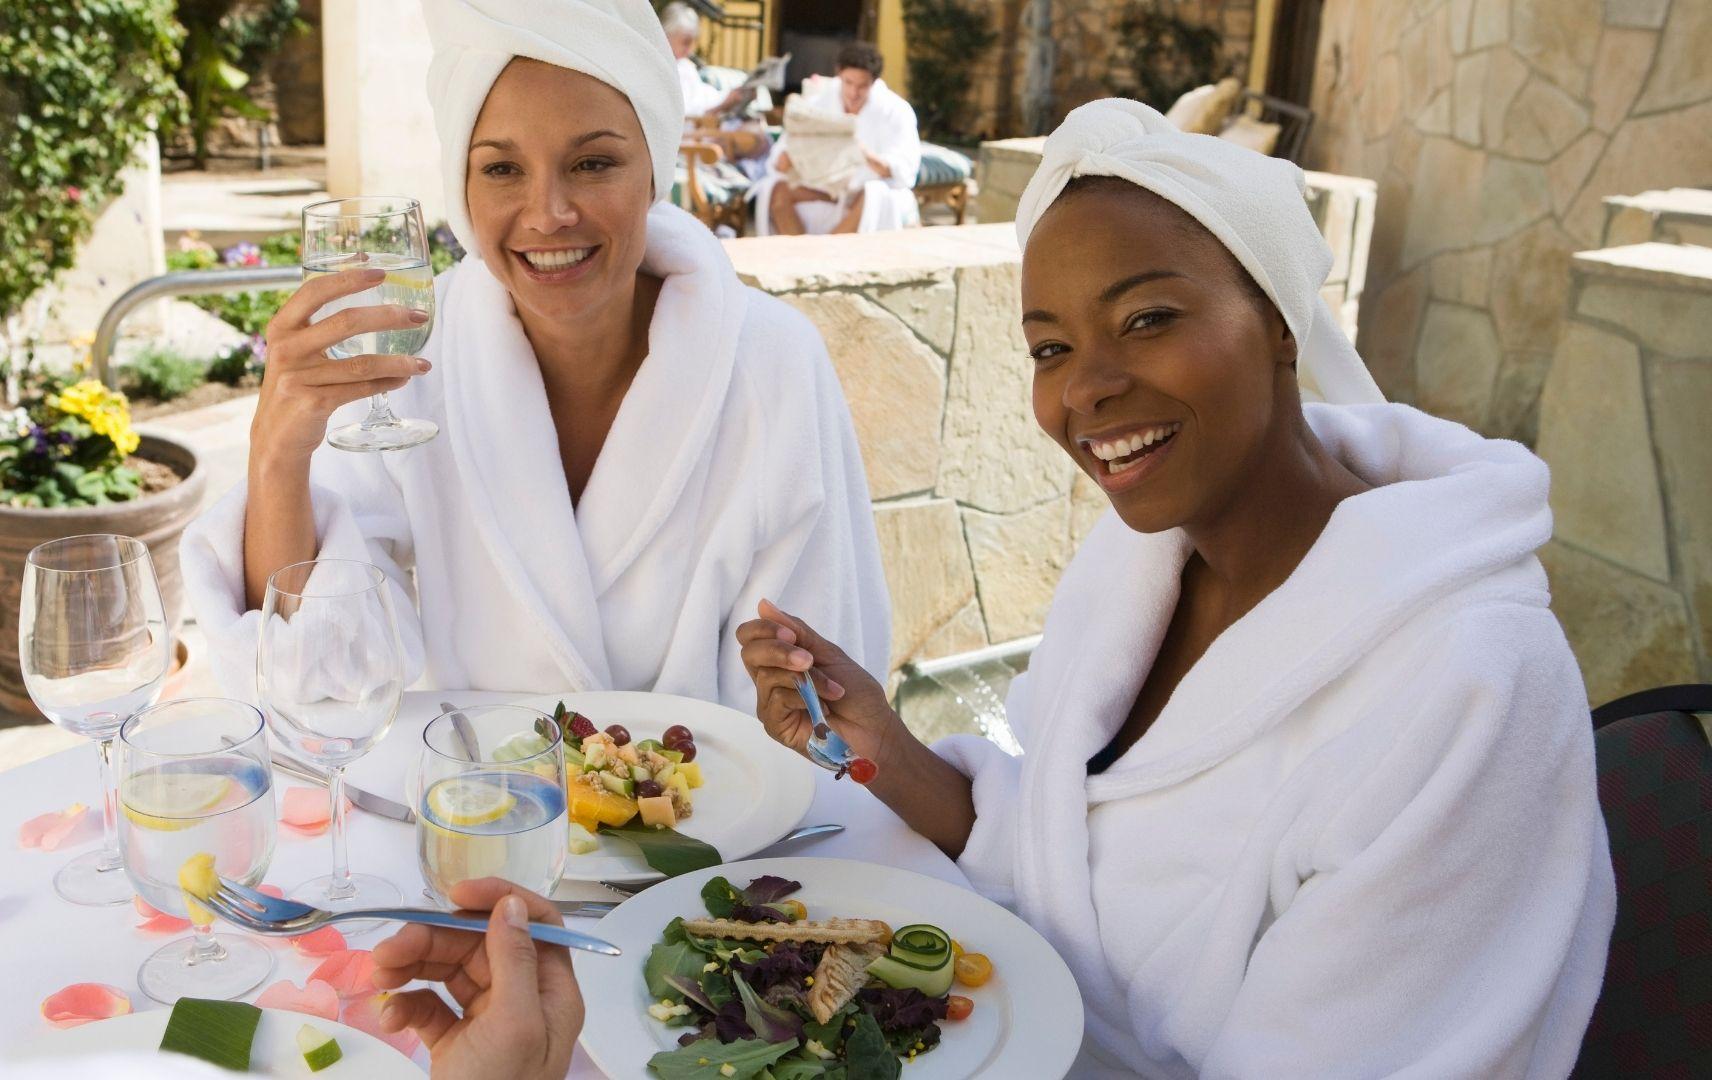 Zwei Frauen mit Bademäntel Frühstücken draußen